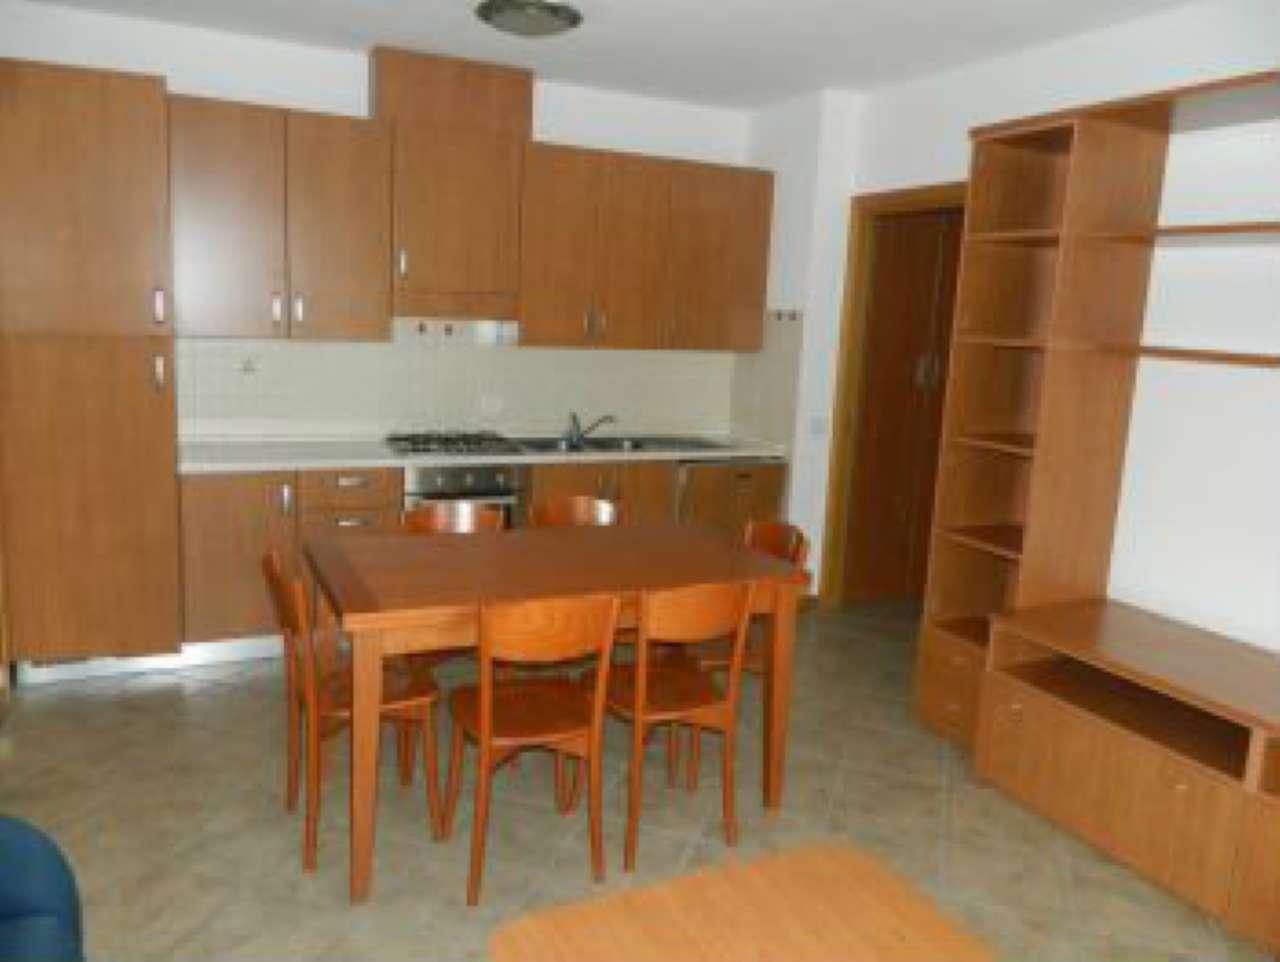 Appartamento in affitto a Sondrio, 2 locali, prezzo € 450 | PortaleAgenzieImmobiliari.it